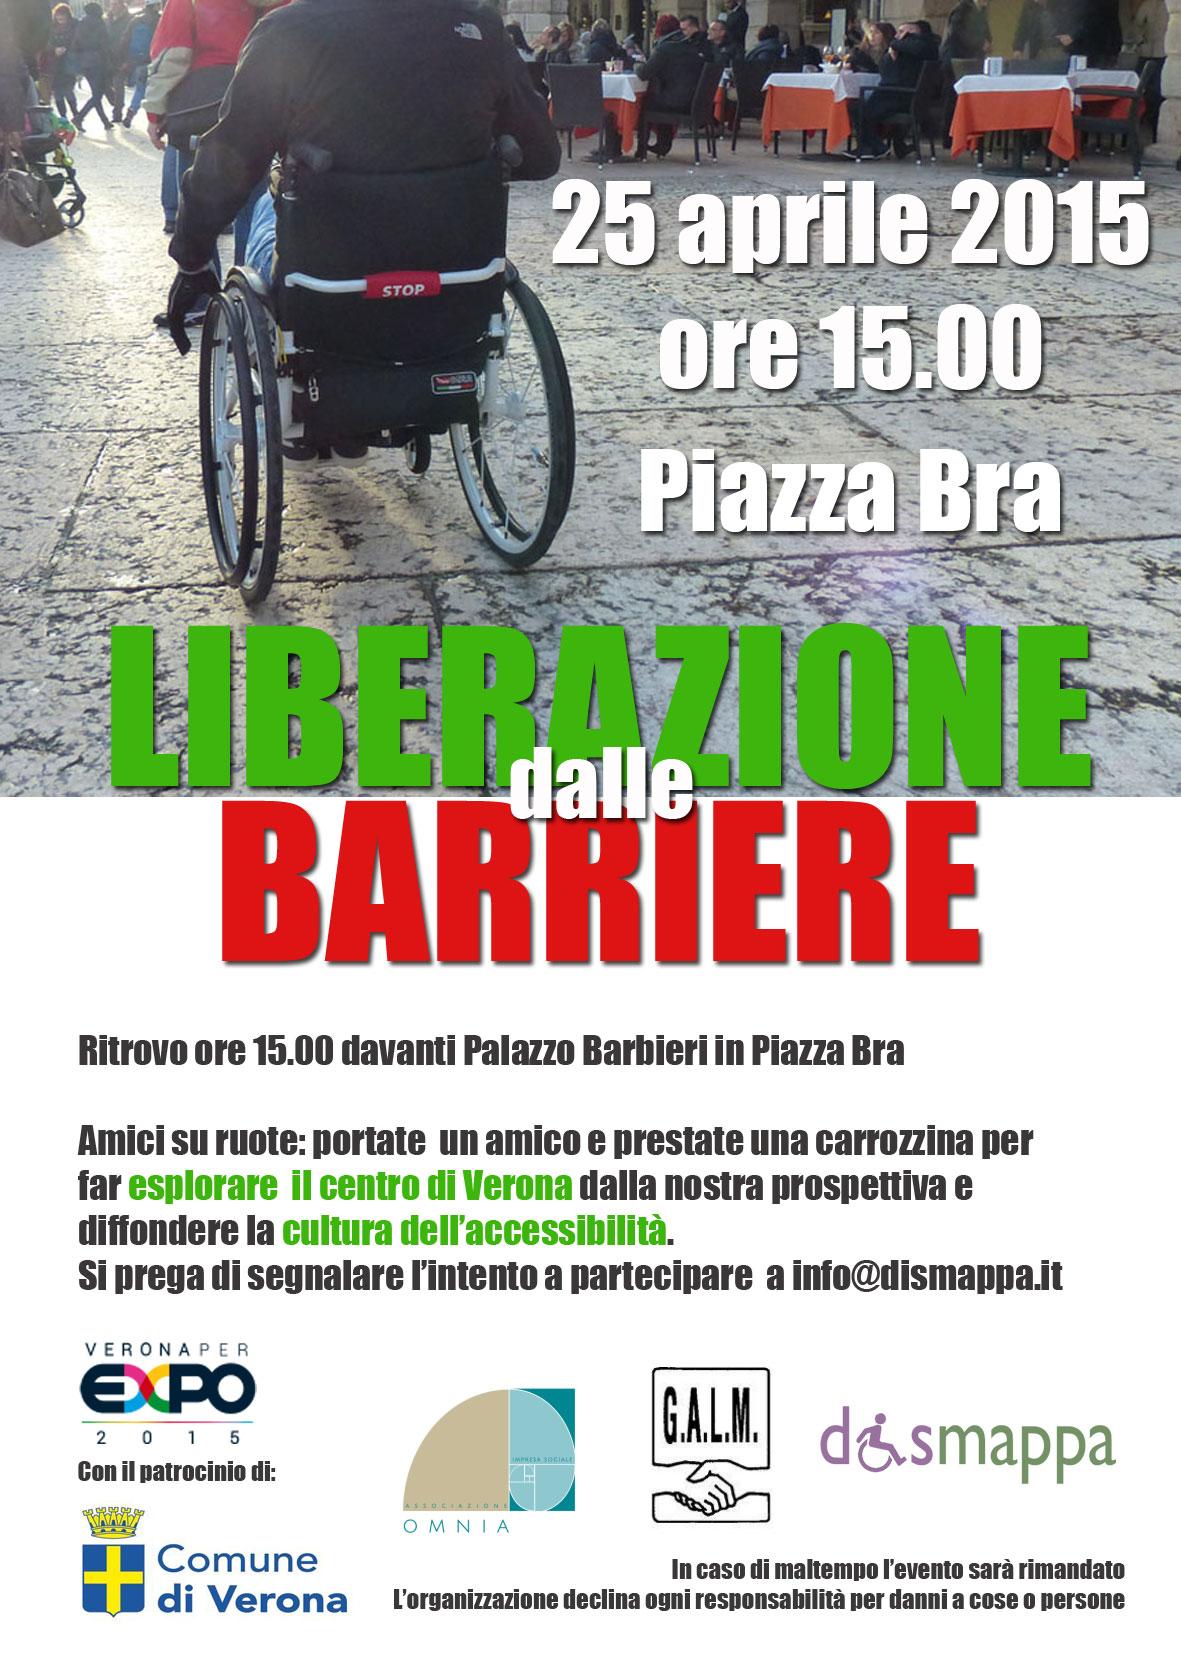 25 aprile liberiamo dalle barriere - Dal 25 al 28 giugno 2015 Benevento Longobarda è anche accessibile alle persone con disabilità